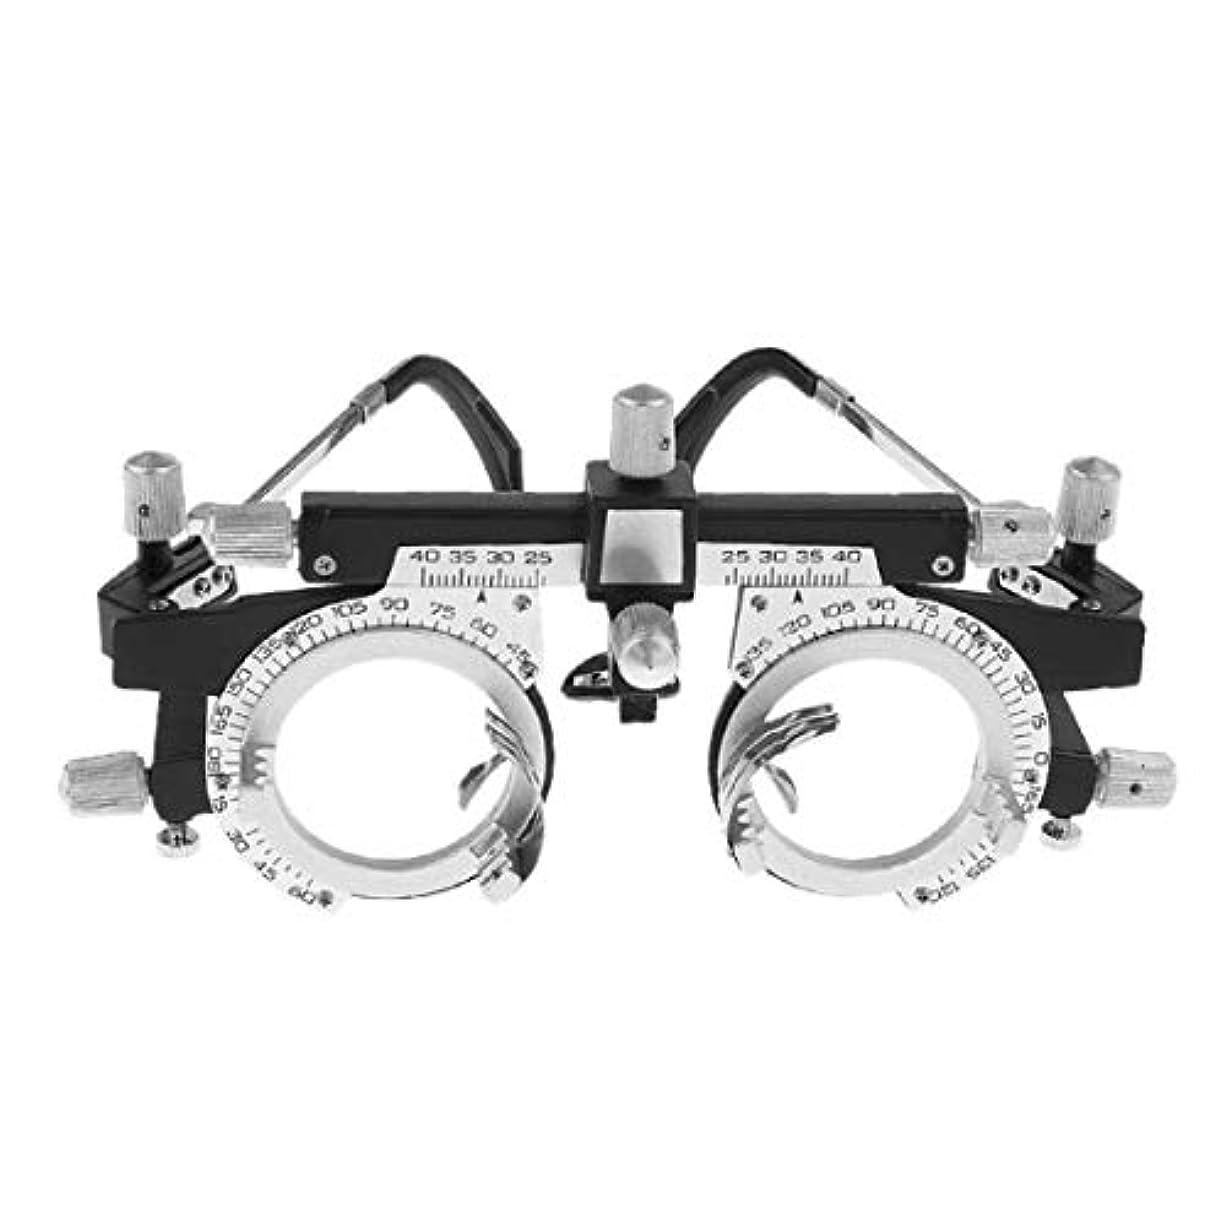 カリング凍る言及する調節可能なプロフェッショナルアイウェア検眼メタルフレーム光学オプティクストライアルレンズメタルフレームPDメガネアクセサリー (Rustle666)